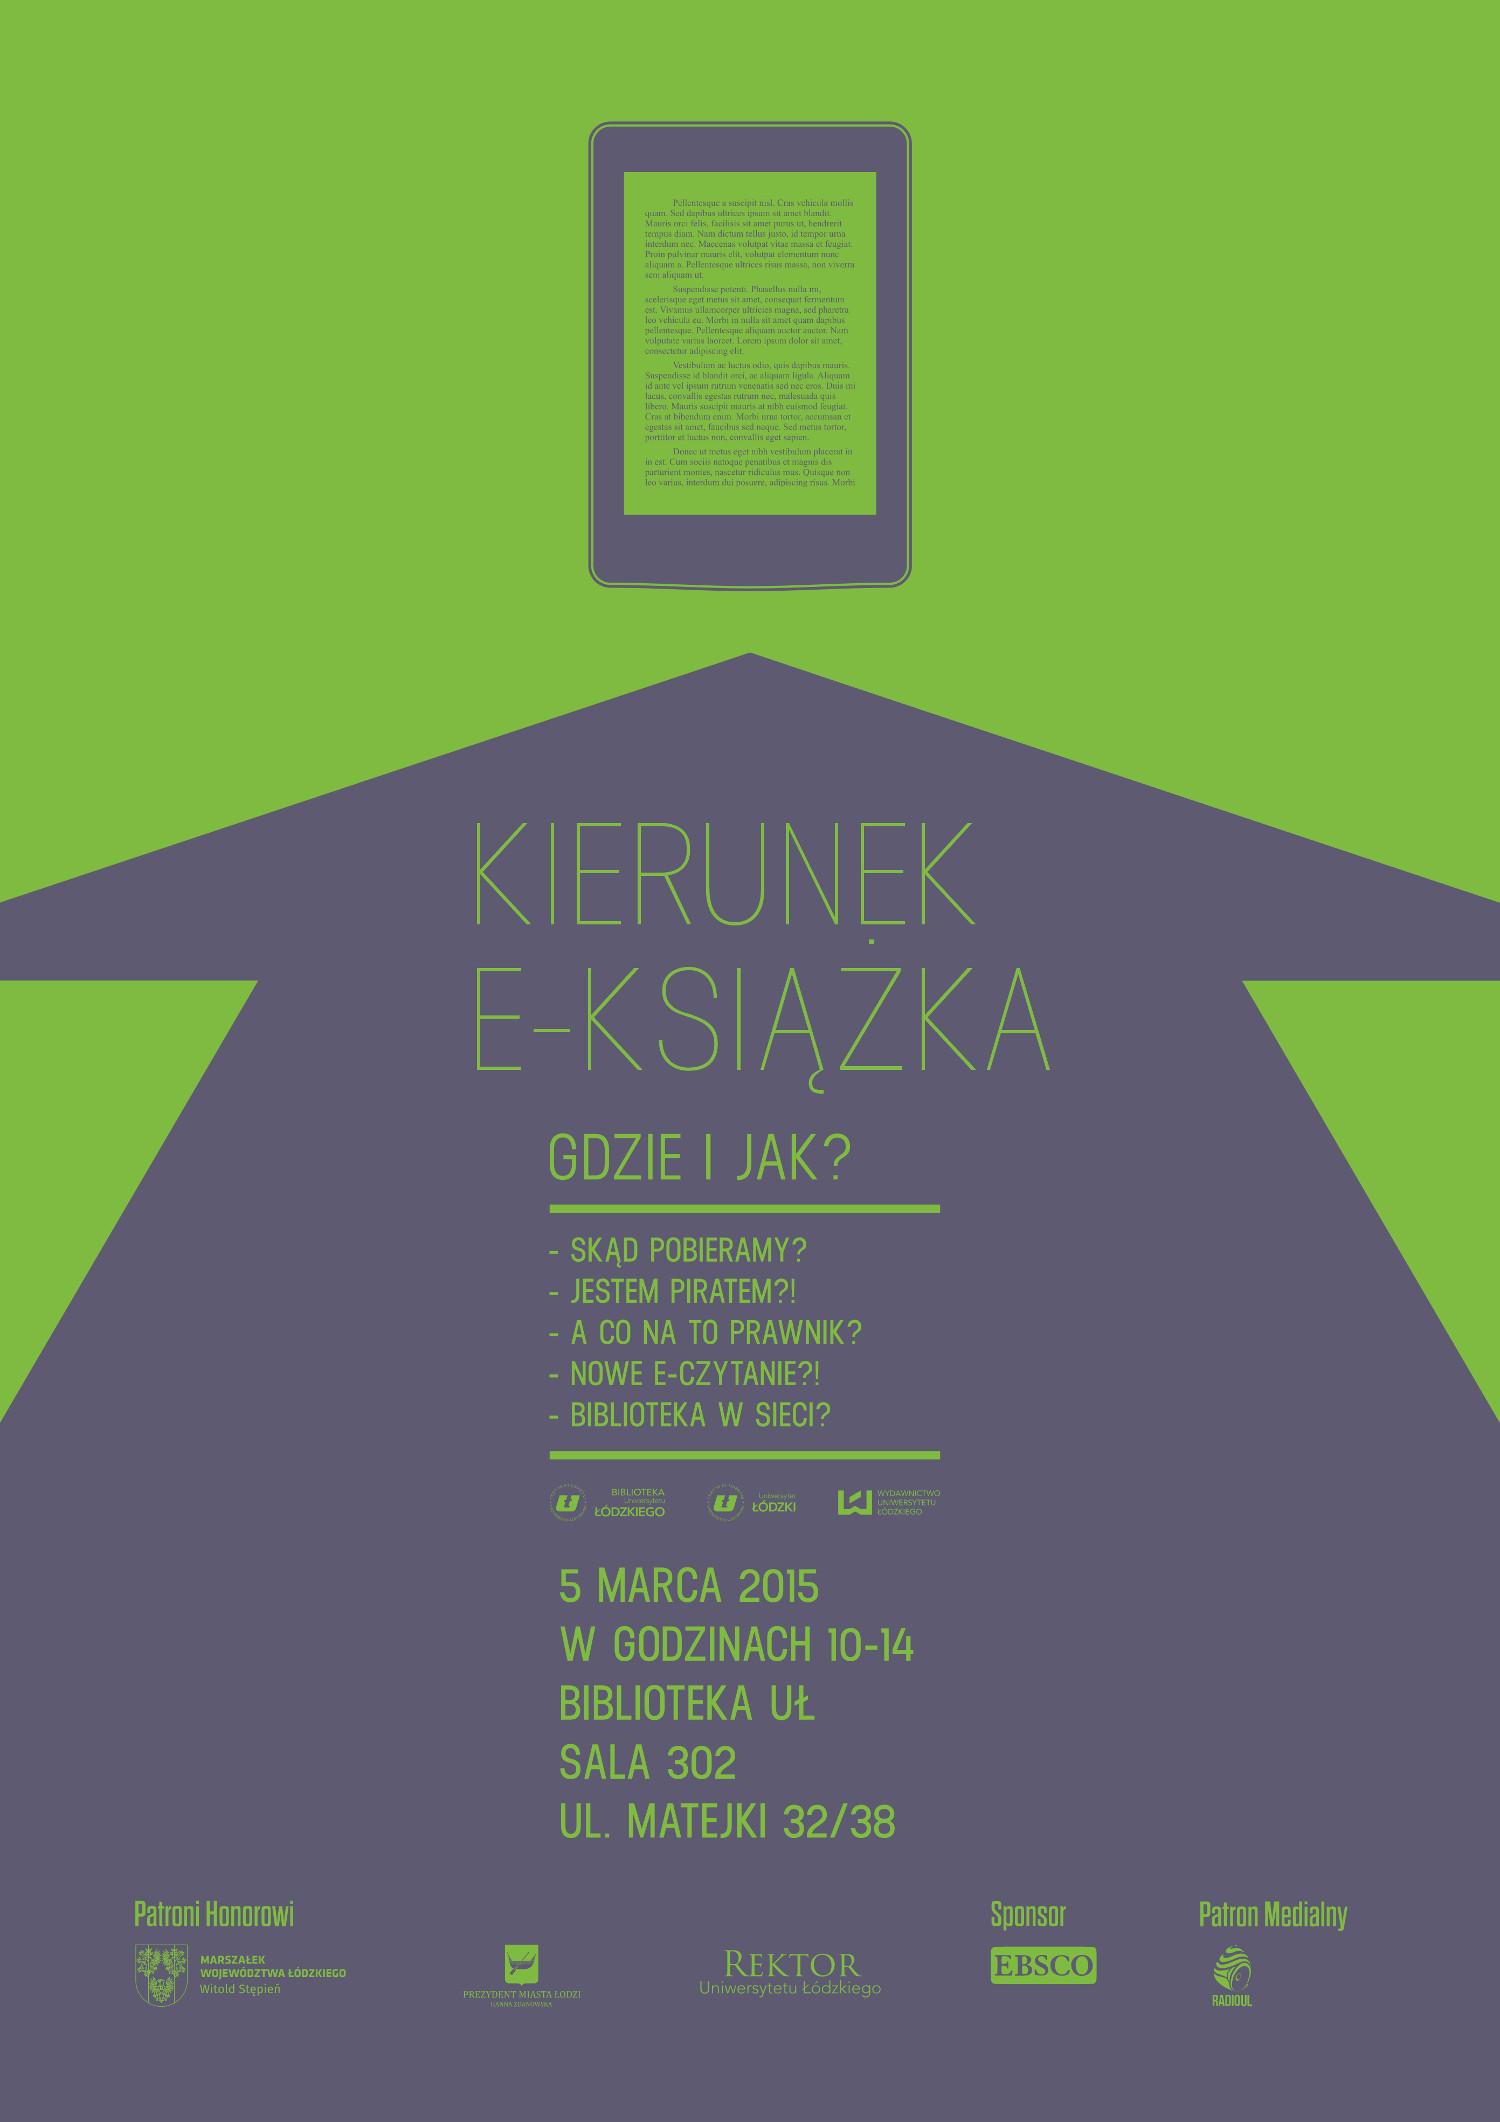 Kierunek_e-ksiazka_-_plakat